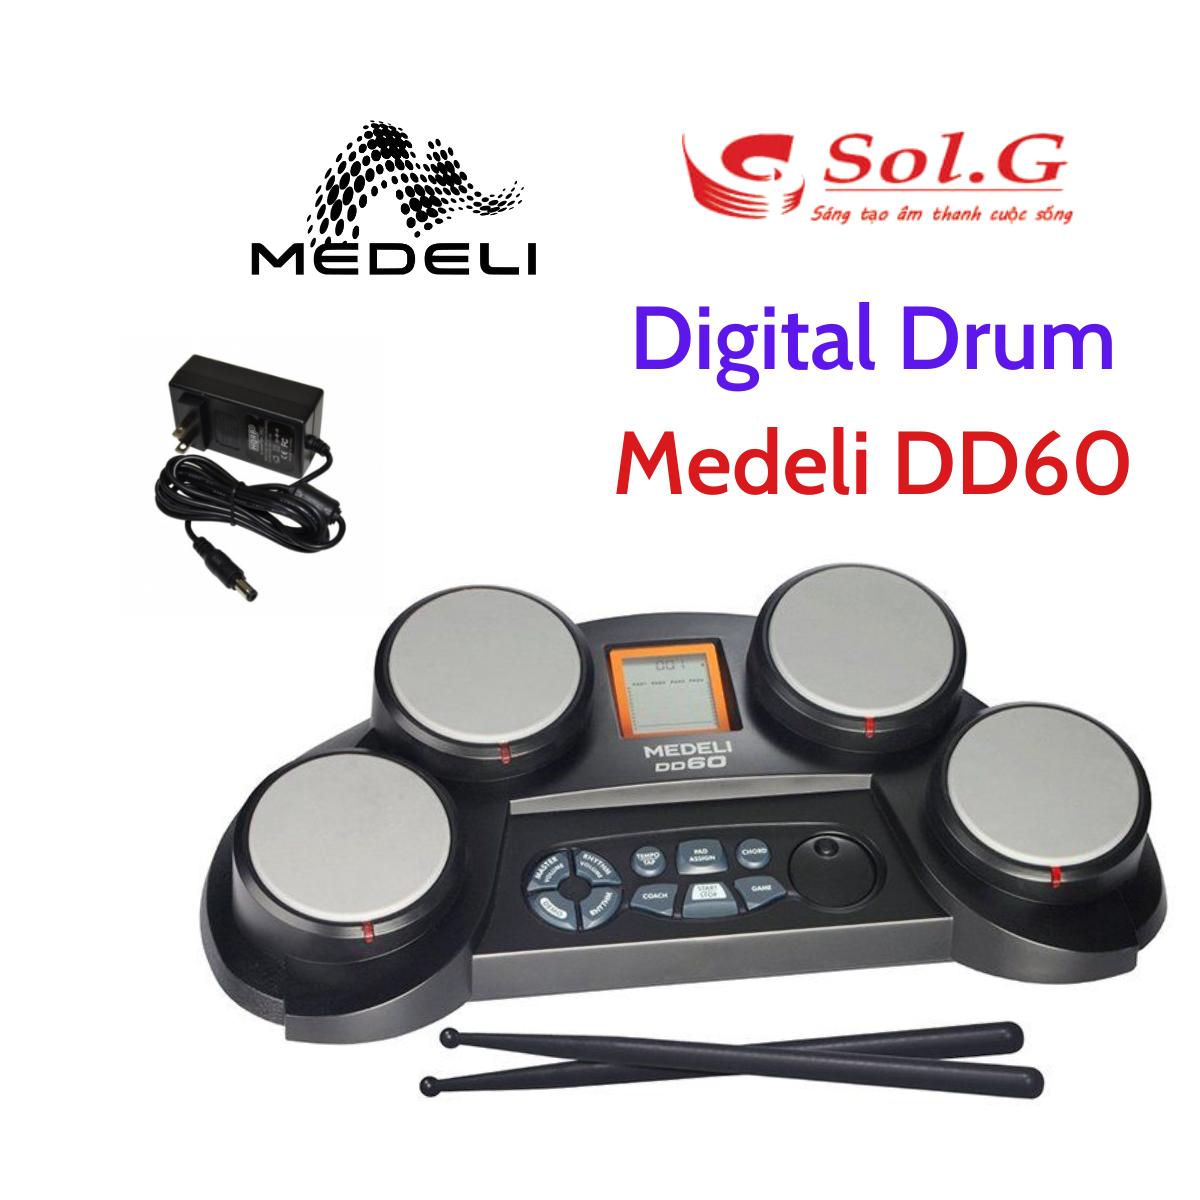 Trống Điện Tử Medeli DD60 chính hãng, trống điện tử cho người mới tập chơi, biểu diễn nhỏ